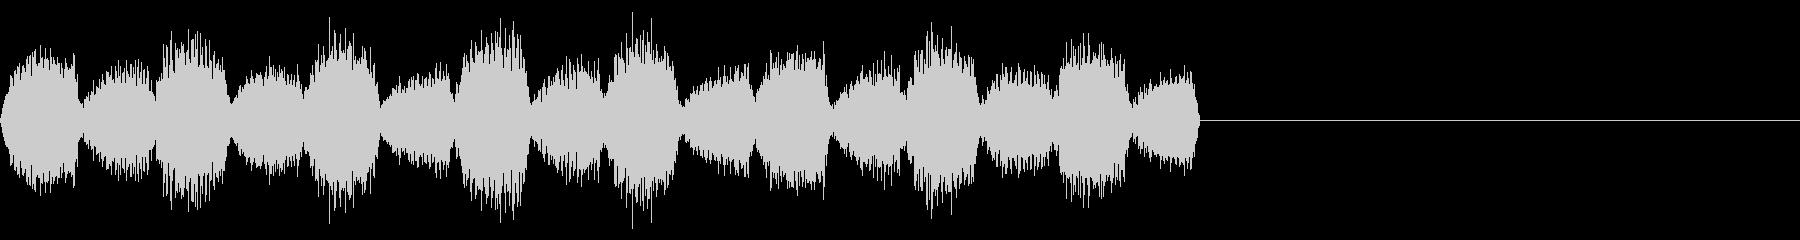 SF/レーダー/フィンフィン/その2の未再生の波形